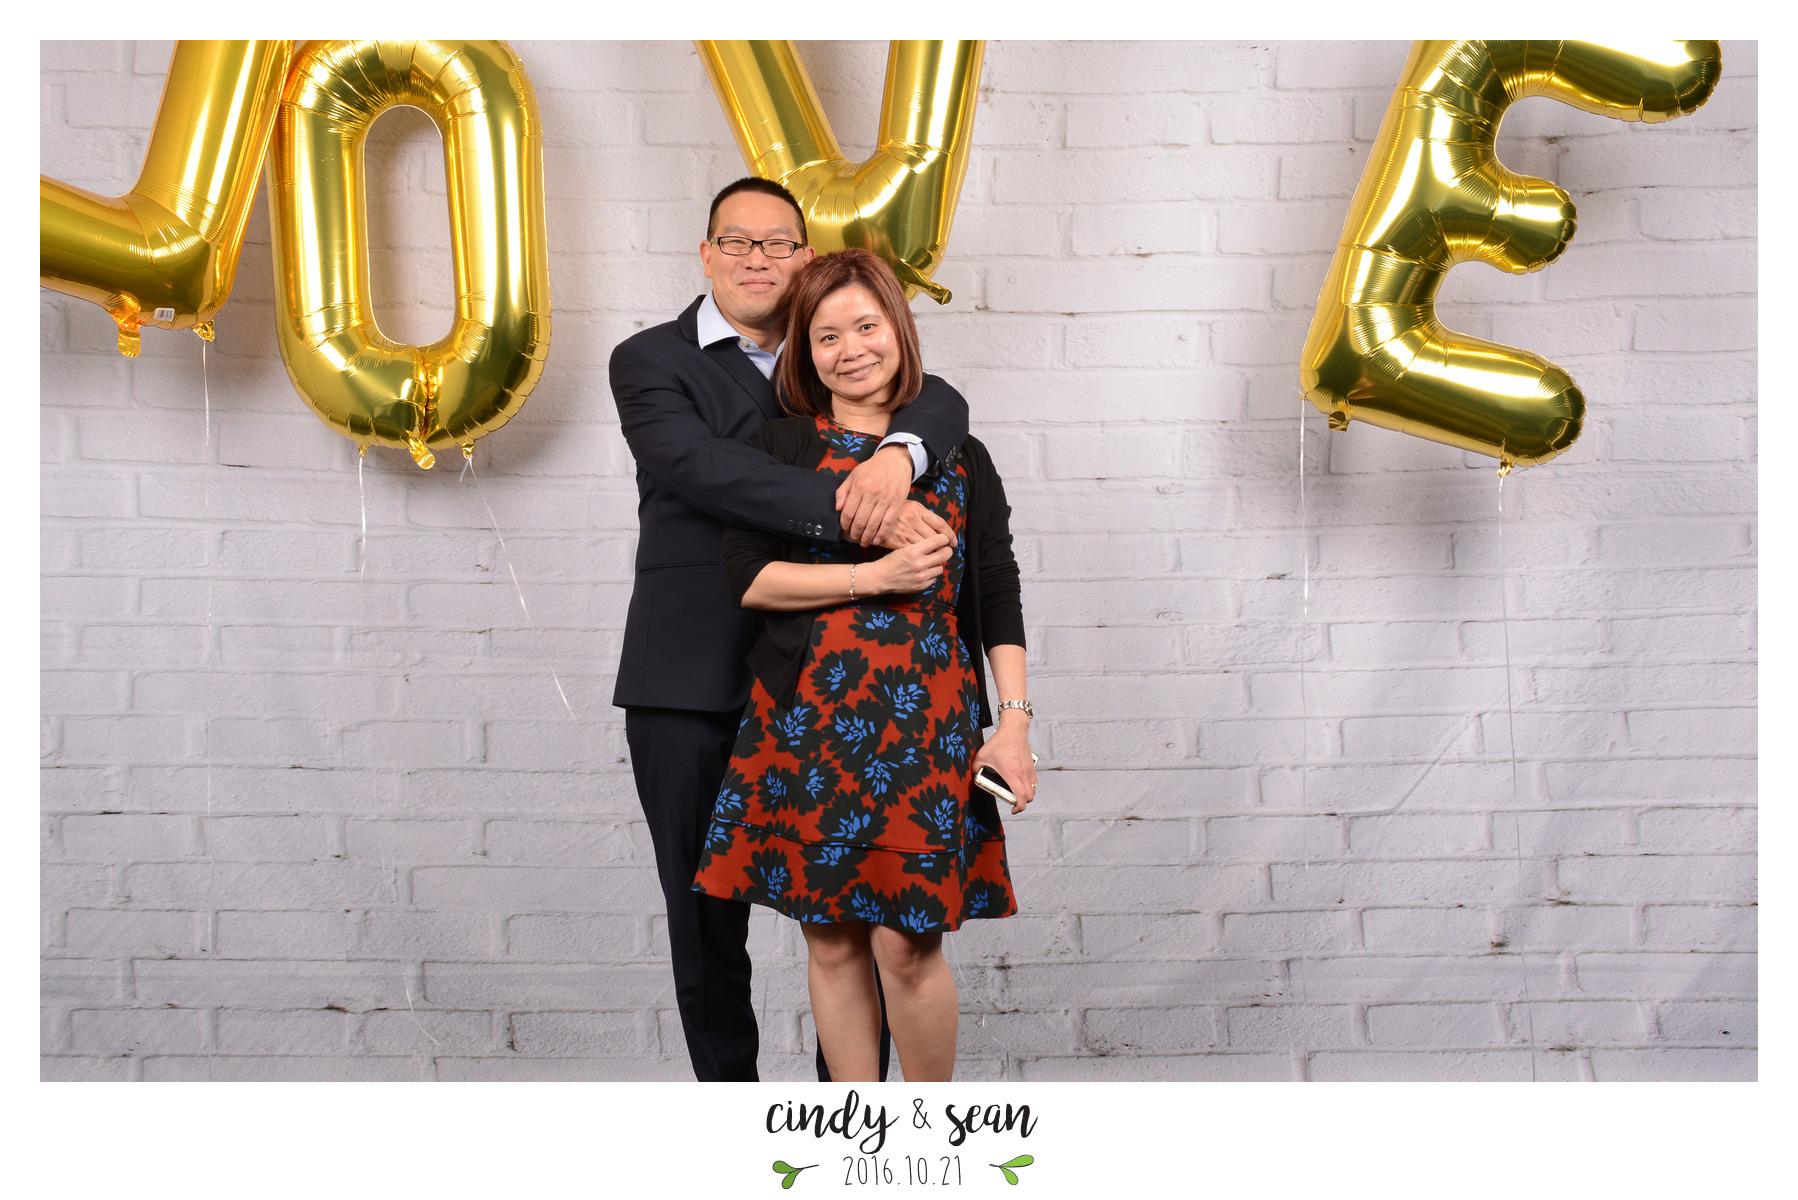 Cindy Sean Bae - 0001-158.jpg